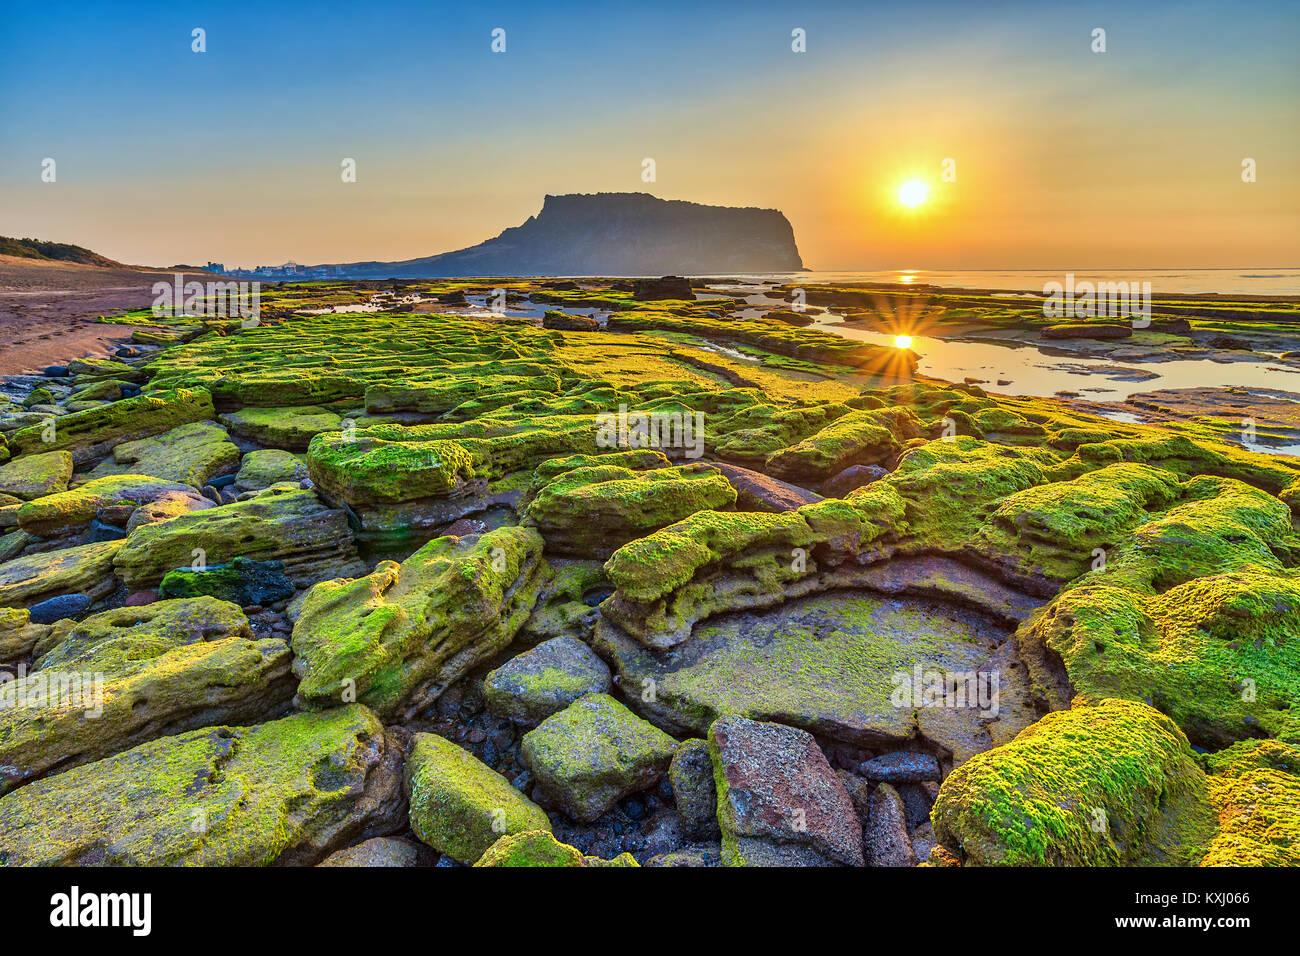 Lever du soleil à Jeju Do Seongsan Ilchulbong, l'île de Jeju, Corée du Sud Photo Stock